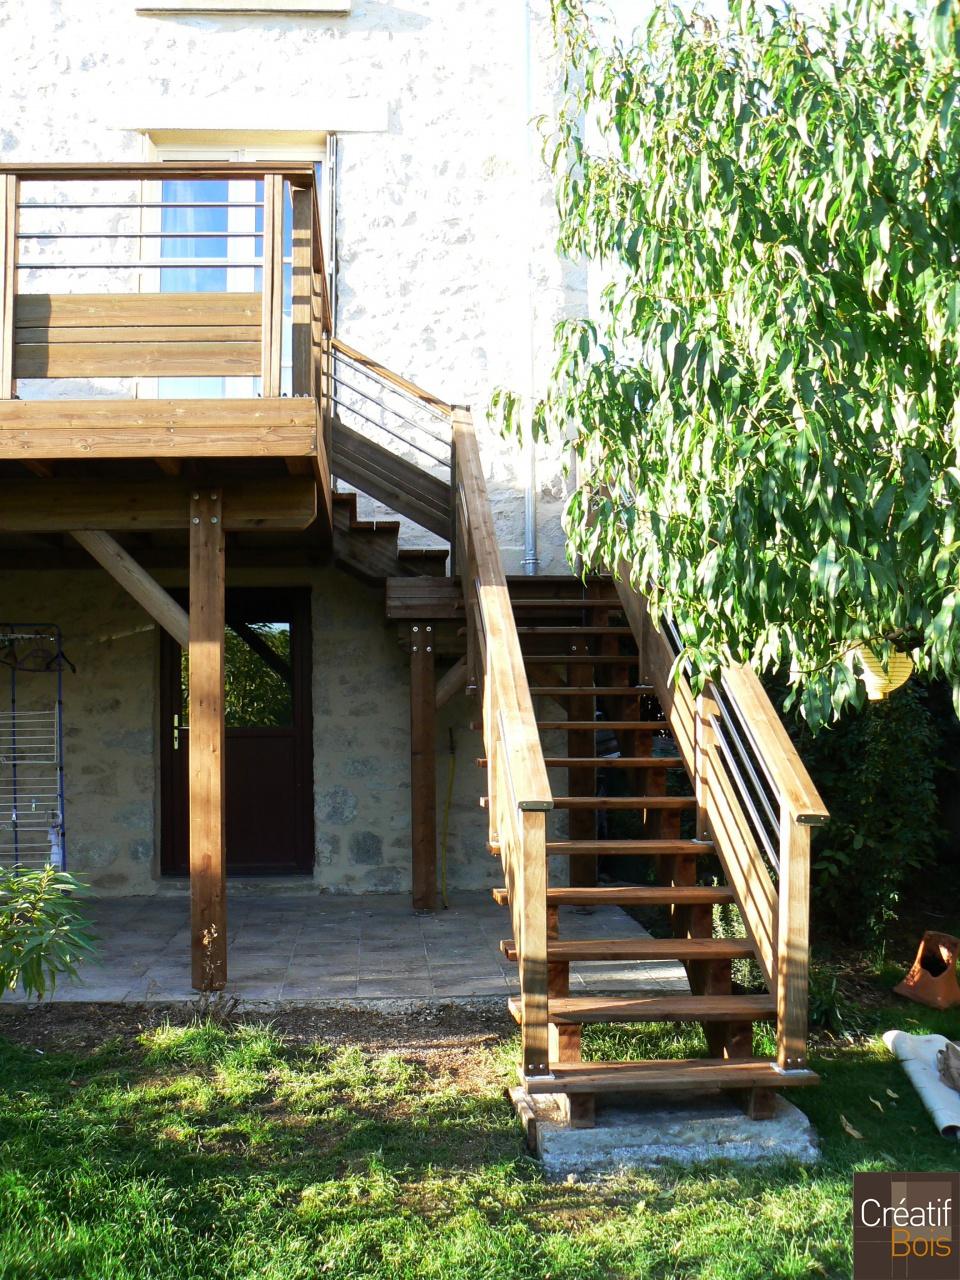 Escalier bois limoges haute vienne 87 escaliers for Etancheite escalier exterieur